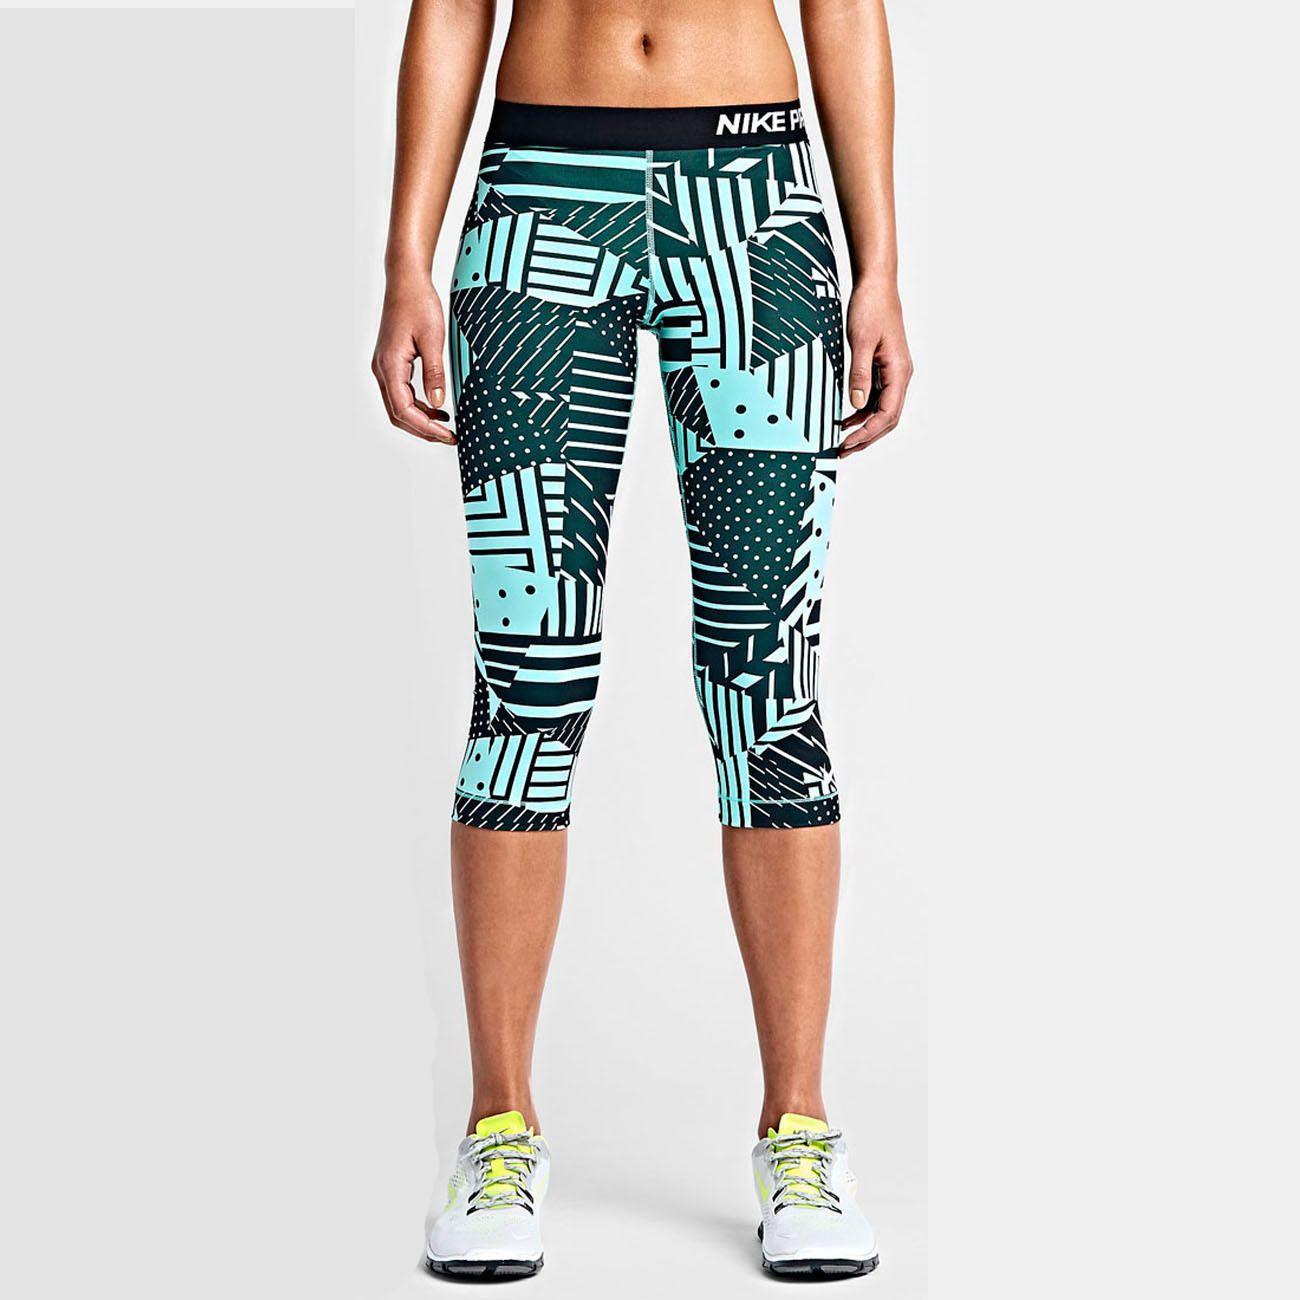 Nike Fit Pro Patchwork Tights Women's Latest Performance Capri Dri XnrHOqXR